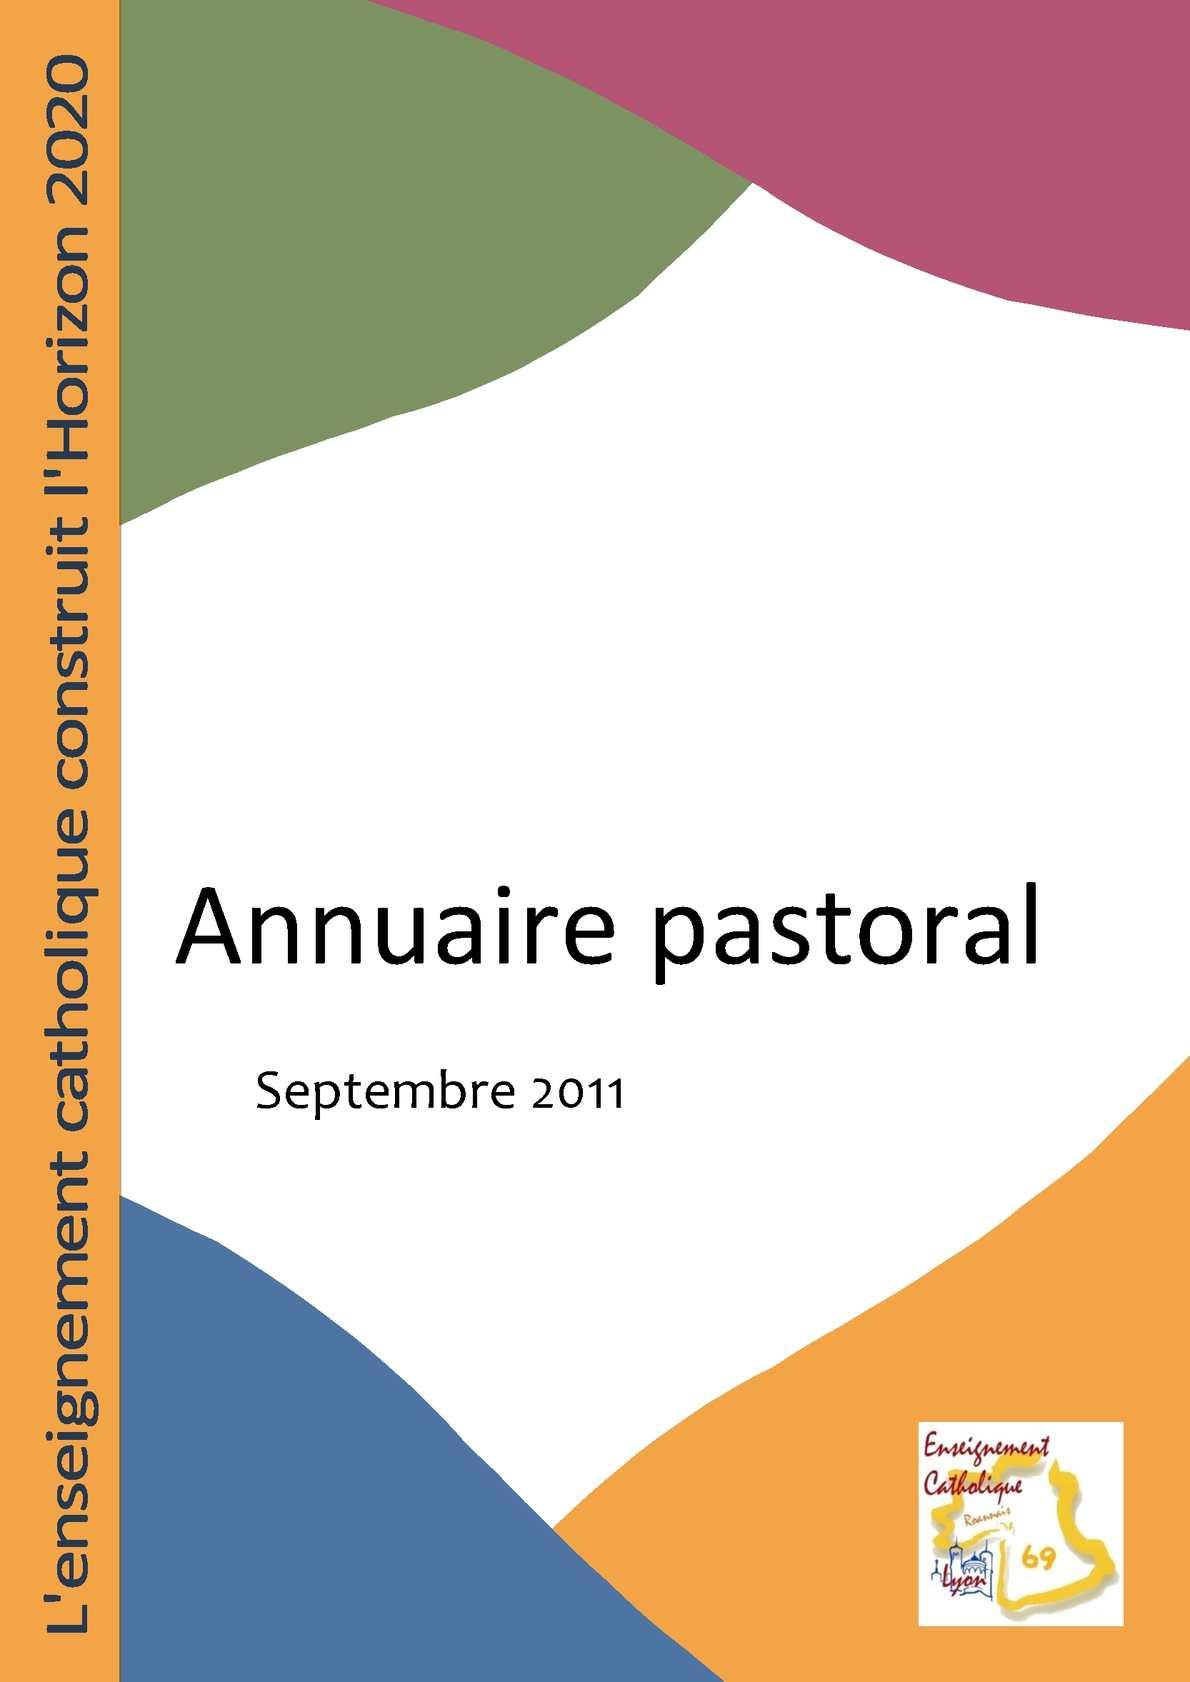 99e1ffc297c Calaméo - Annuaire pastoral 2011 pour les établissements catholiques de Lyon